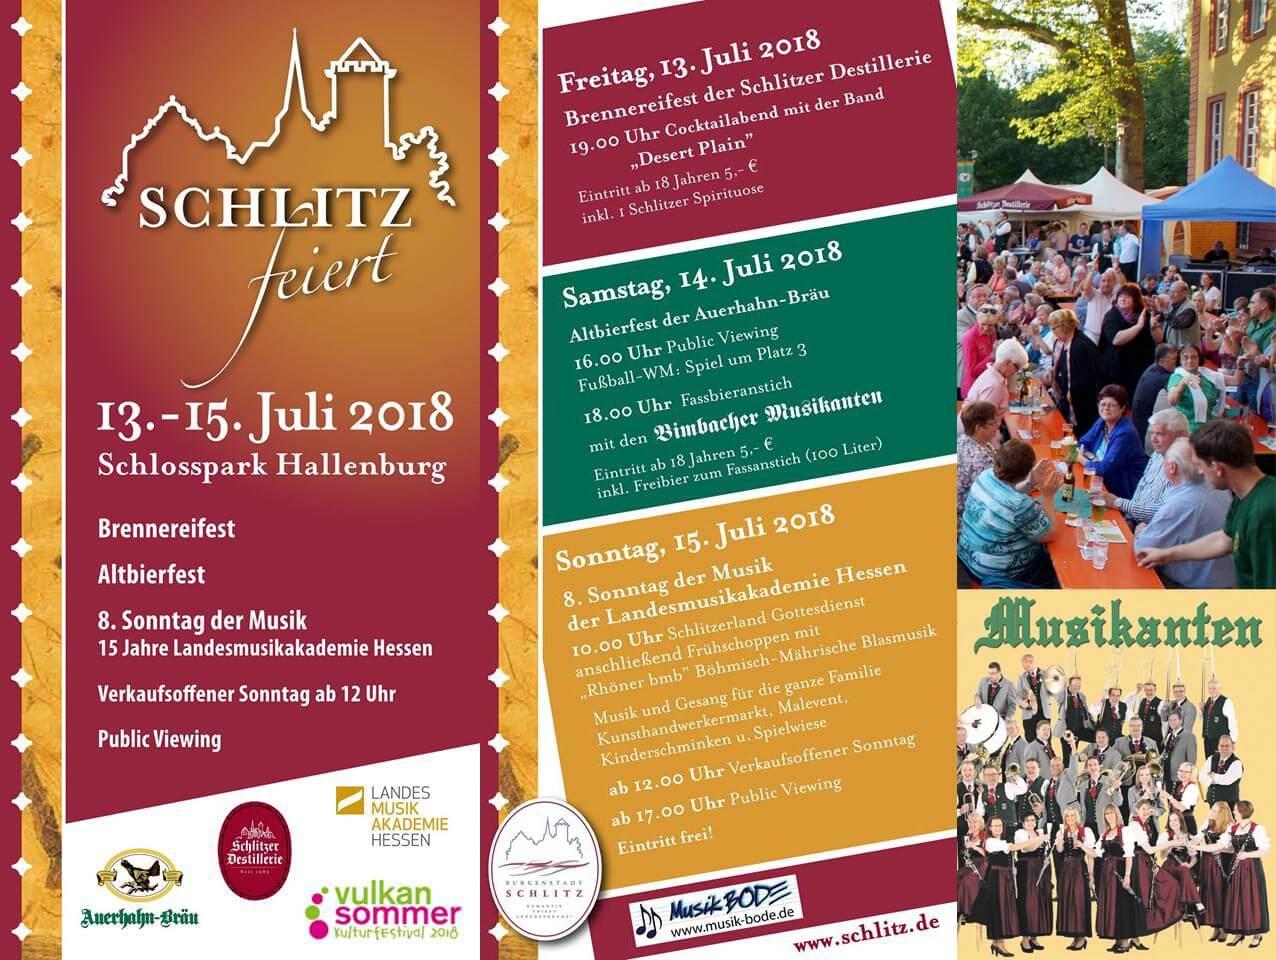 Schlitz-feiert-2018-Schloßpark-Schlitz-Altbierfest-Brennereifest_Ferienwohnung-Schlitz.de Kopie